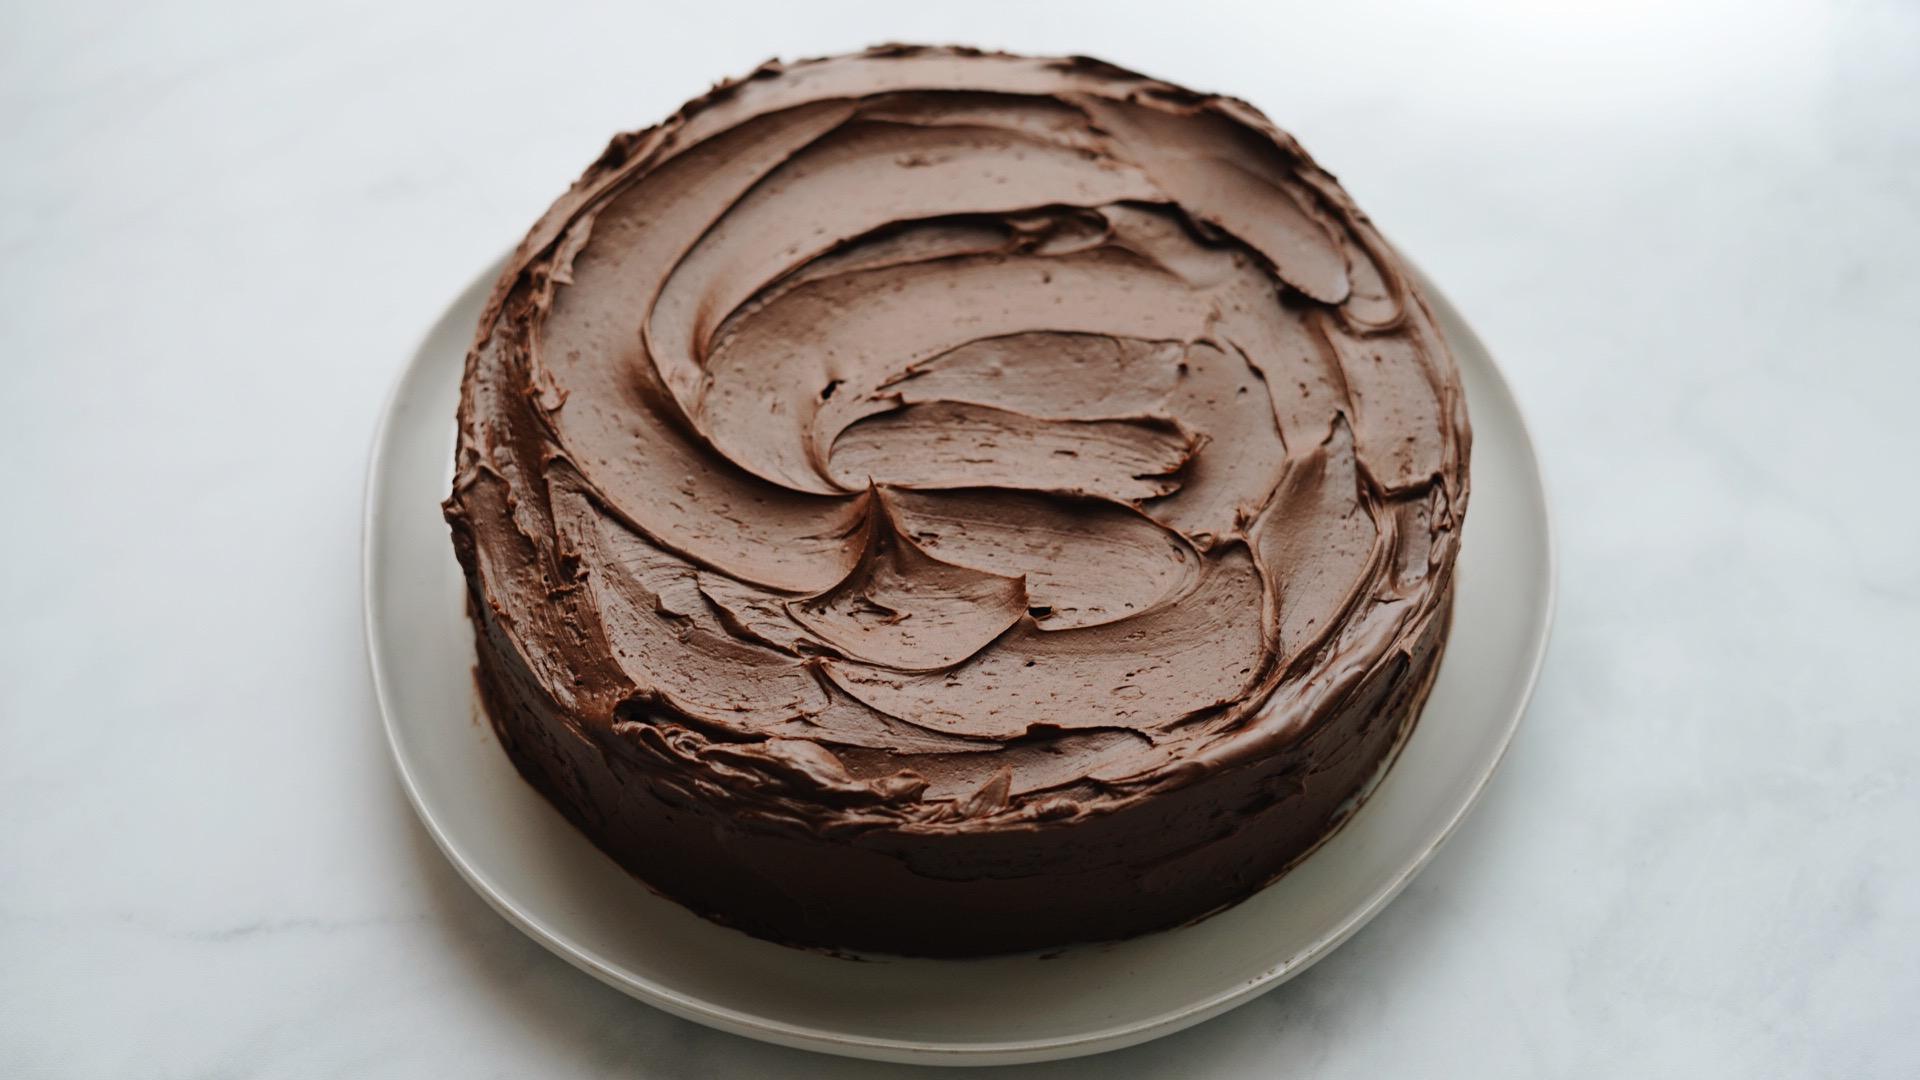 Um bolo de chocolate realmente muito gostoso